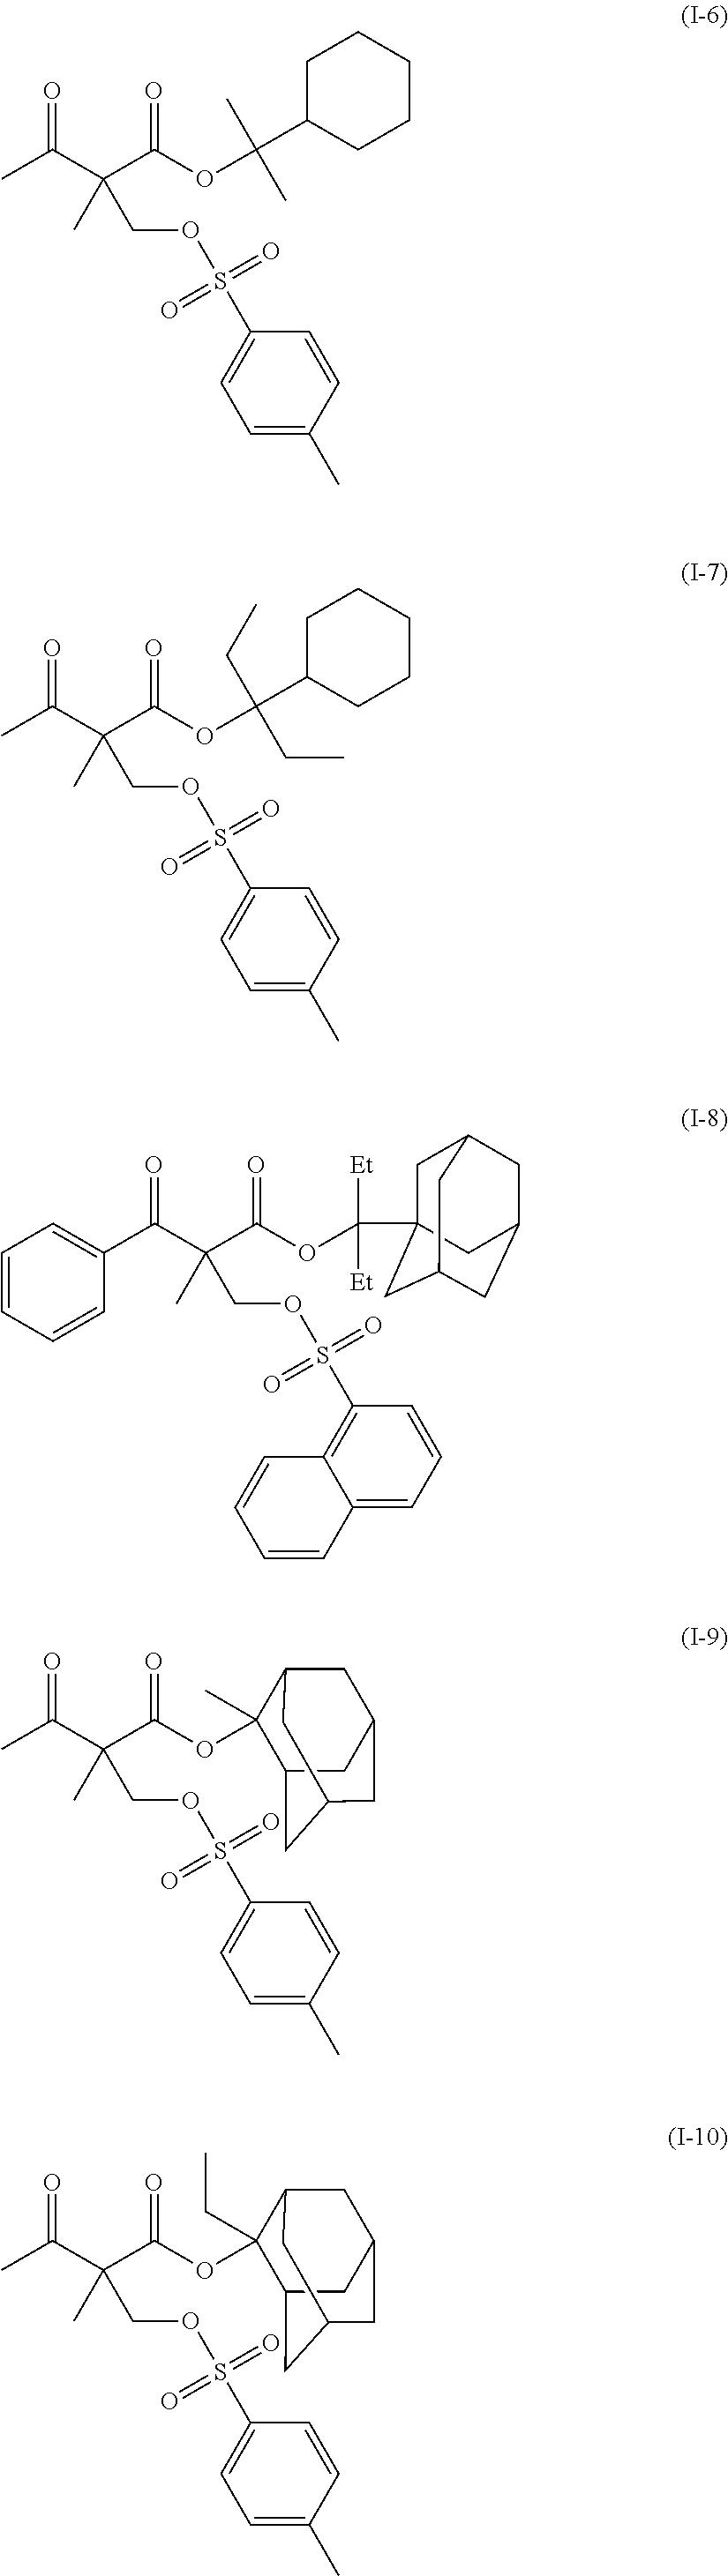 Figure US20110183258A1-20110728-C00084